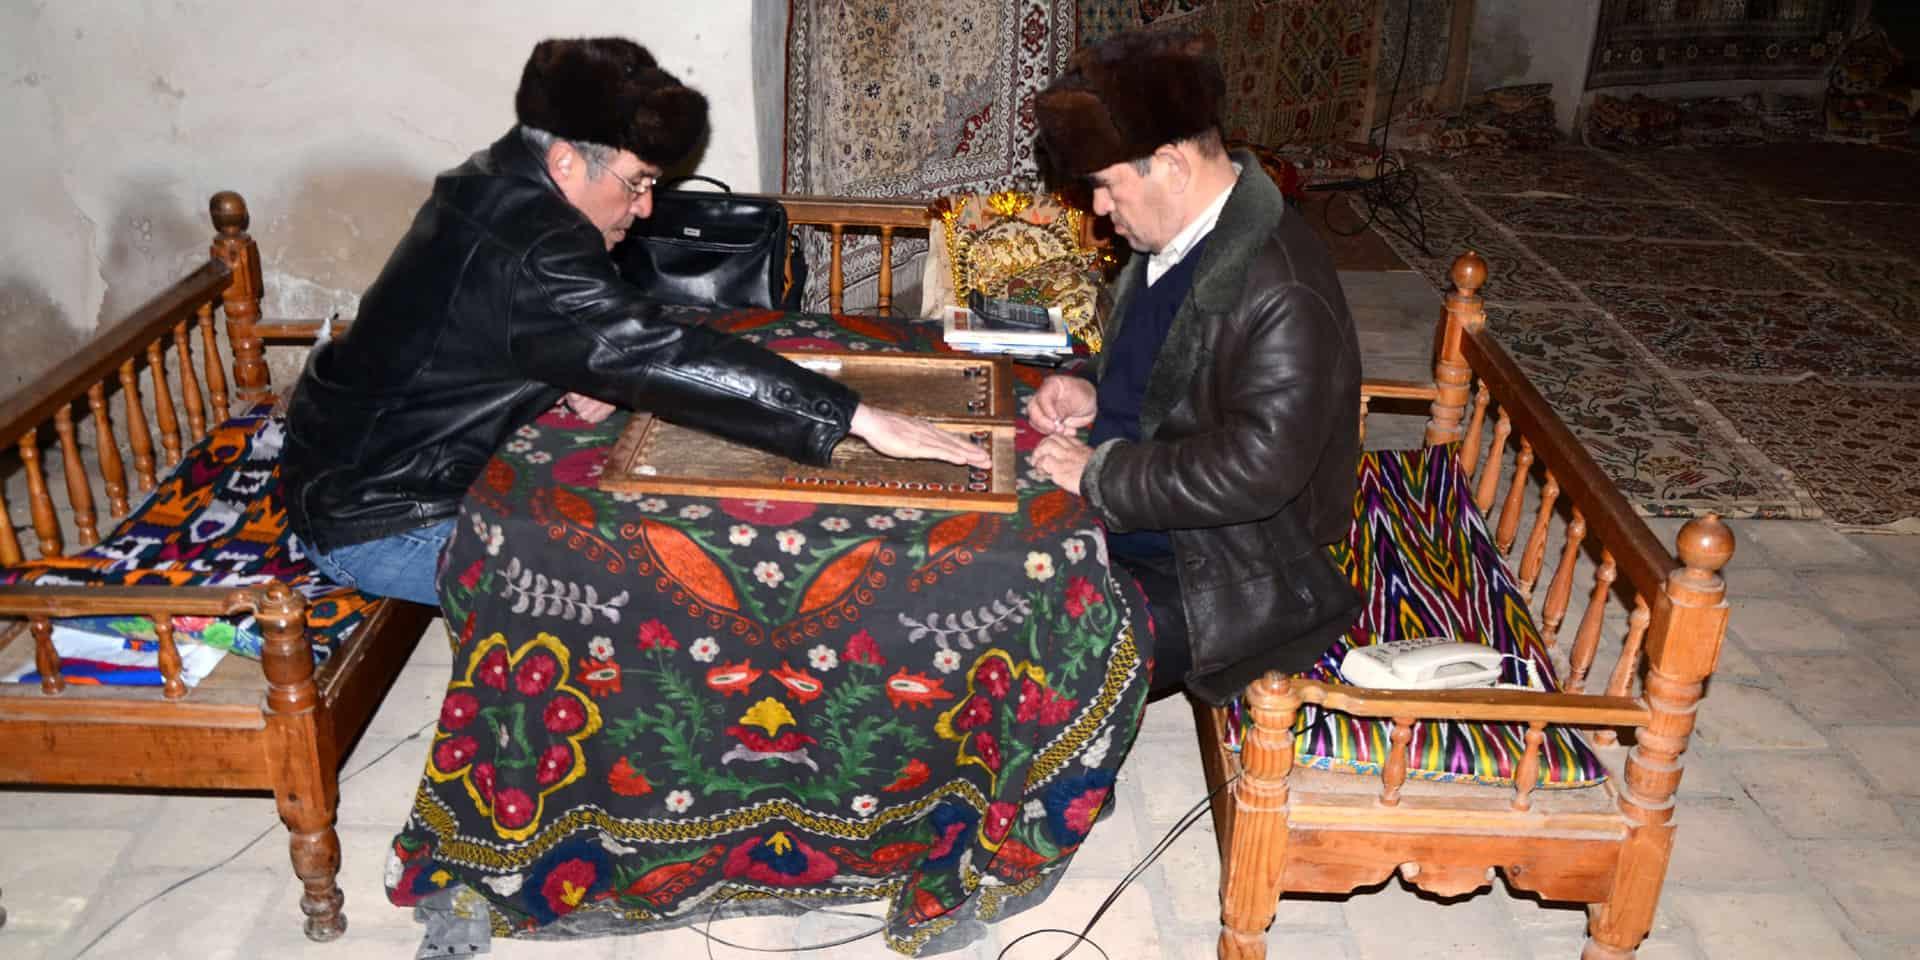 Mænd spiller brætspil i Samarkand